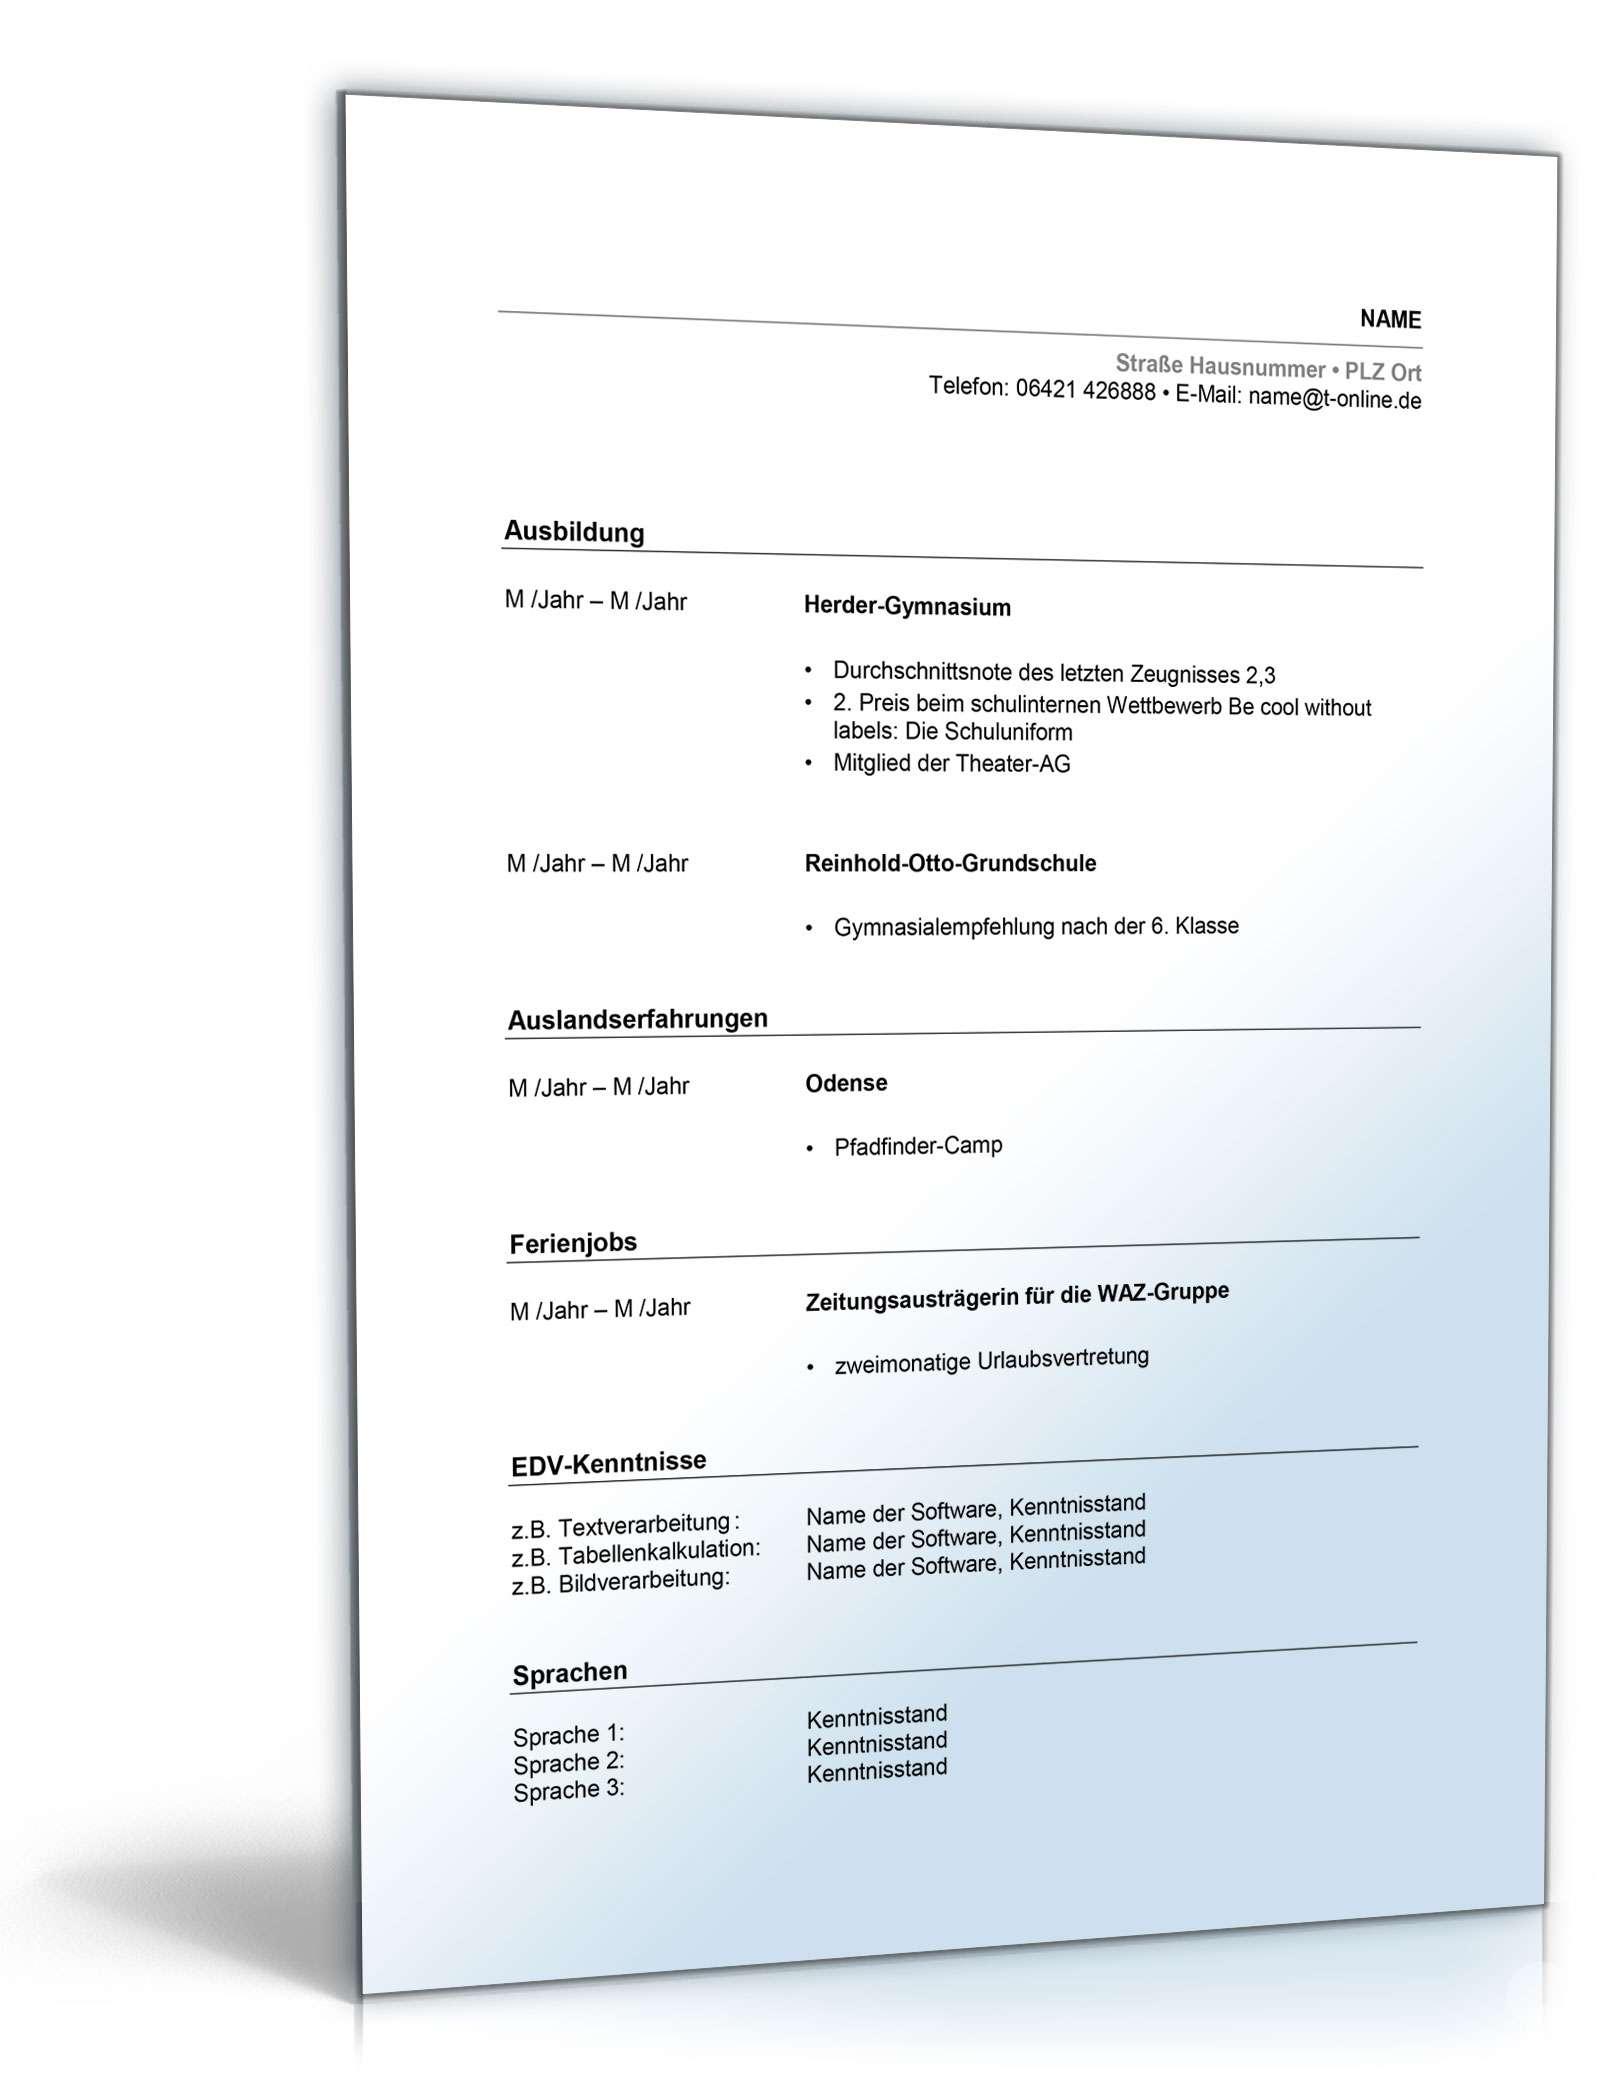 Gemütlich Lebenslauf Für Die Letzte Abiturprobe Ideen - Entry Level ...